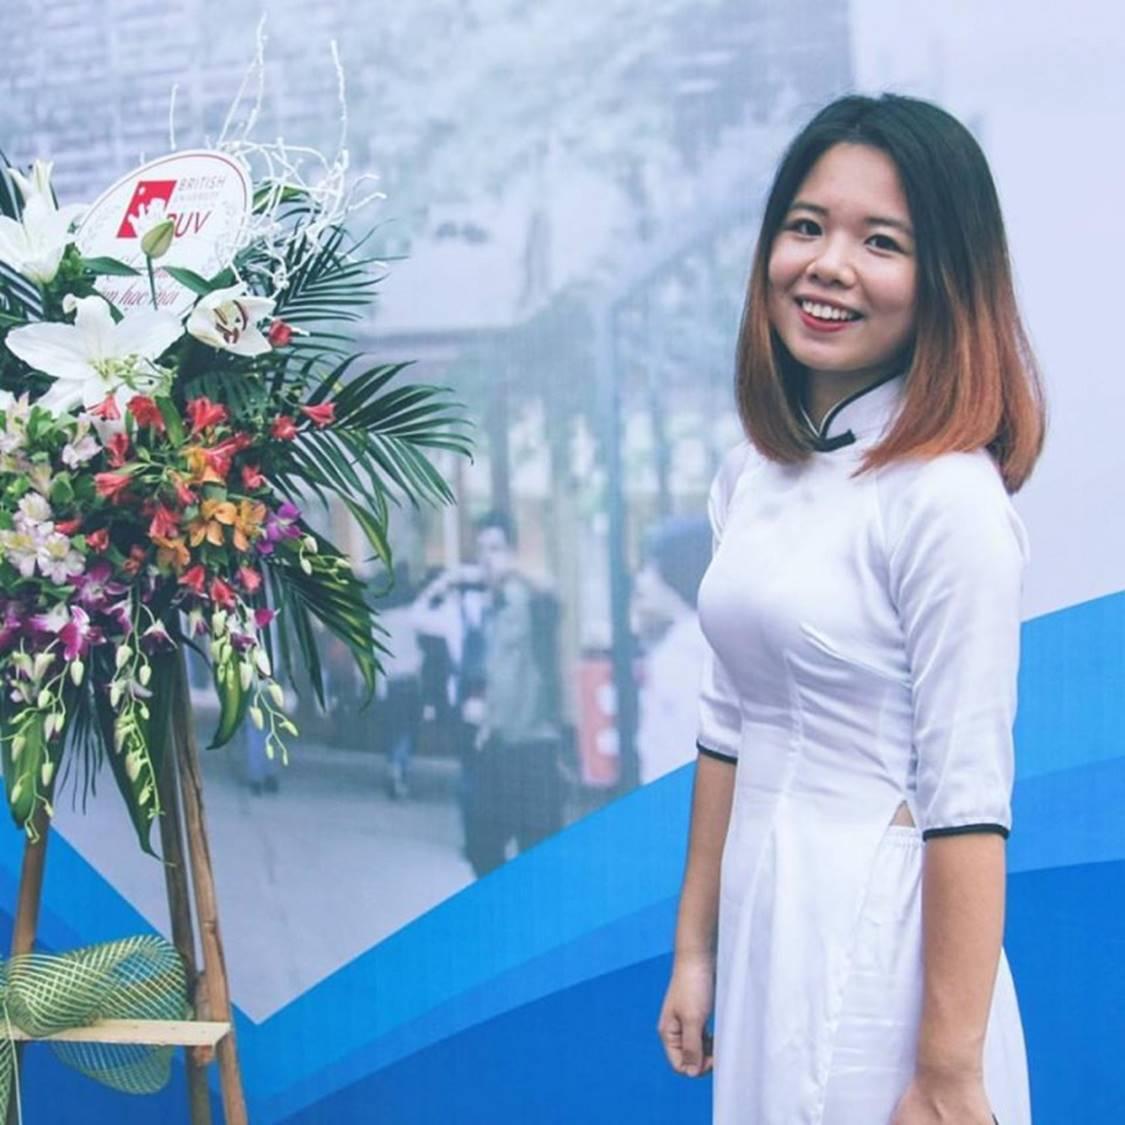 Nữ sinh 9X nhận học bổng hơn 30.000 USD tham vọng dựng đế chế mỹ phẩm vươn tầm châu Á-1